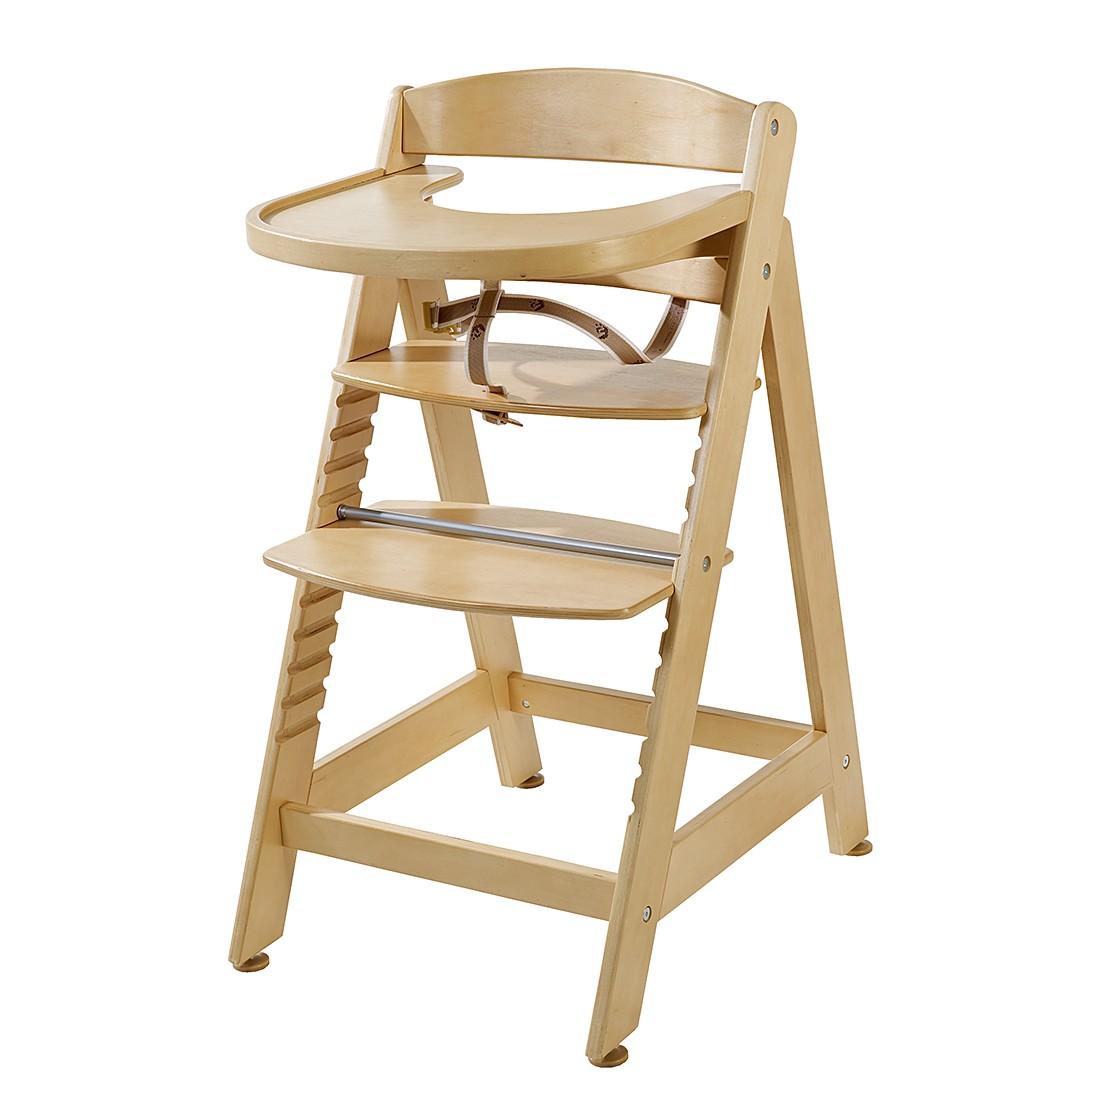 home24 Treppenhochstuhl Sit up Maxi | Baumarkt > Leitern und Treppen | Beige | Holzwerkstoff | Roba